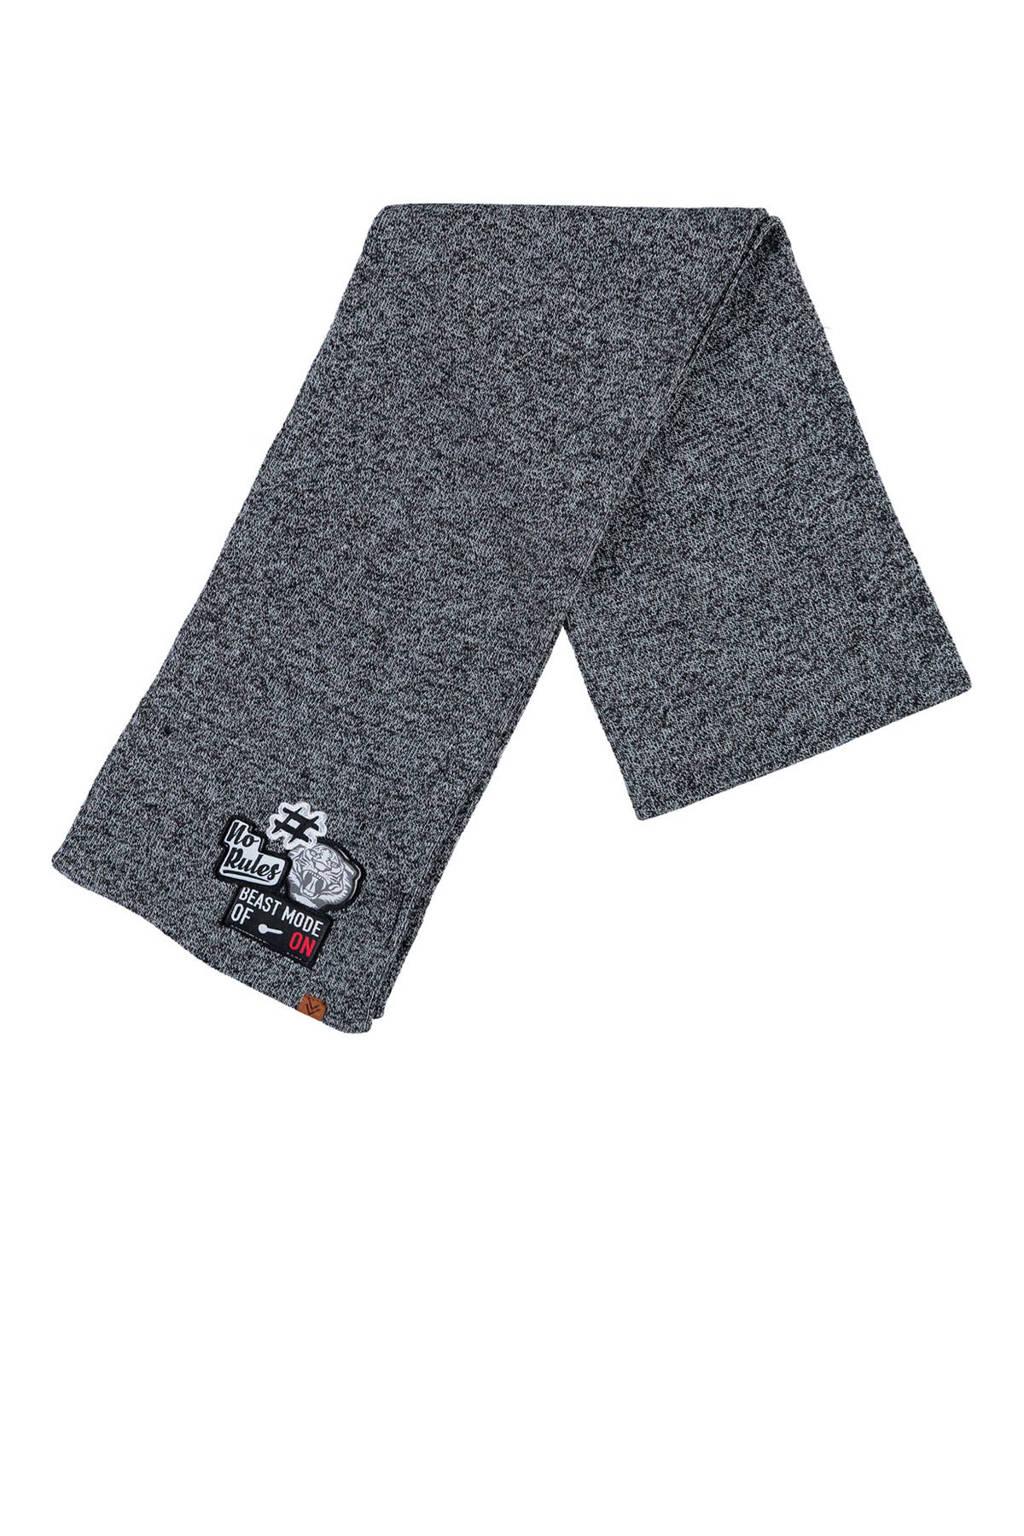 Sarlini sjaal grijs, Grijs